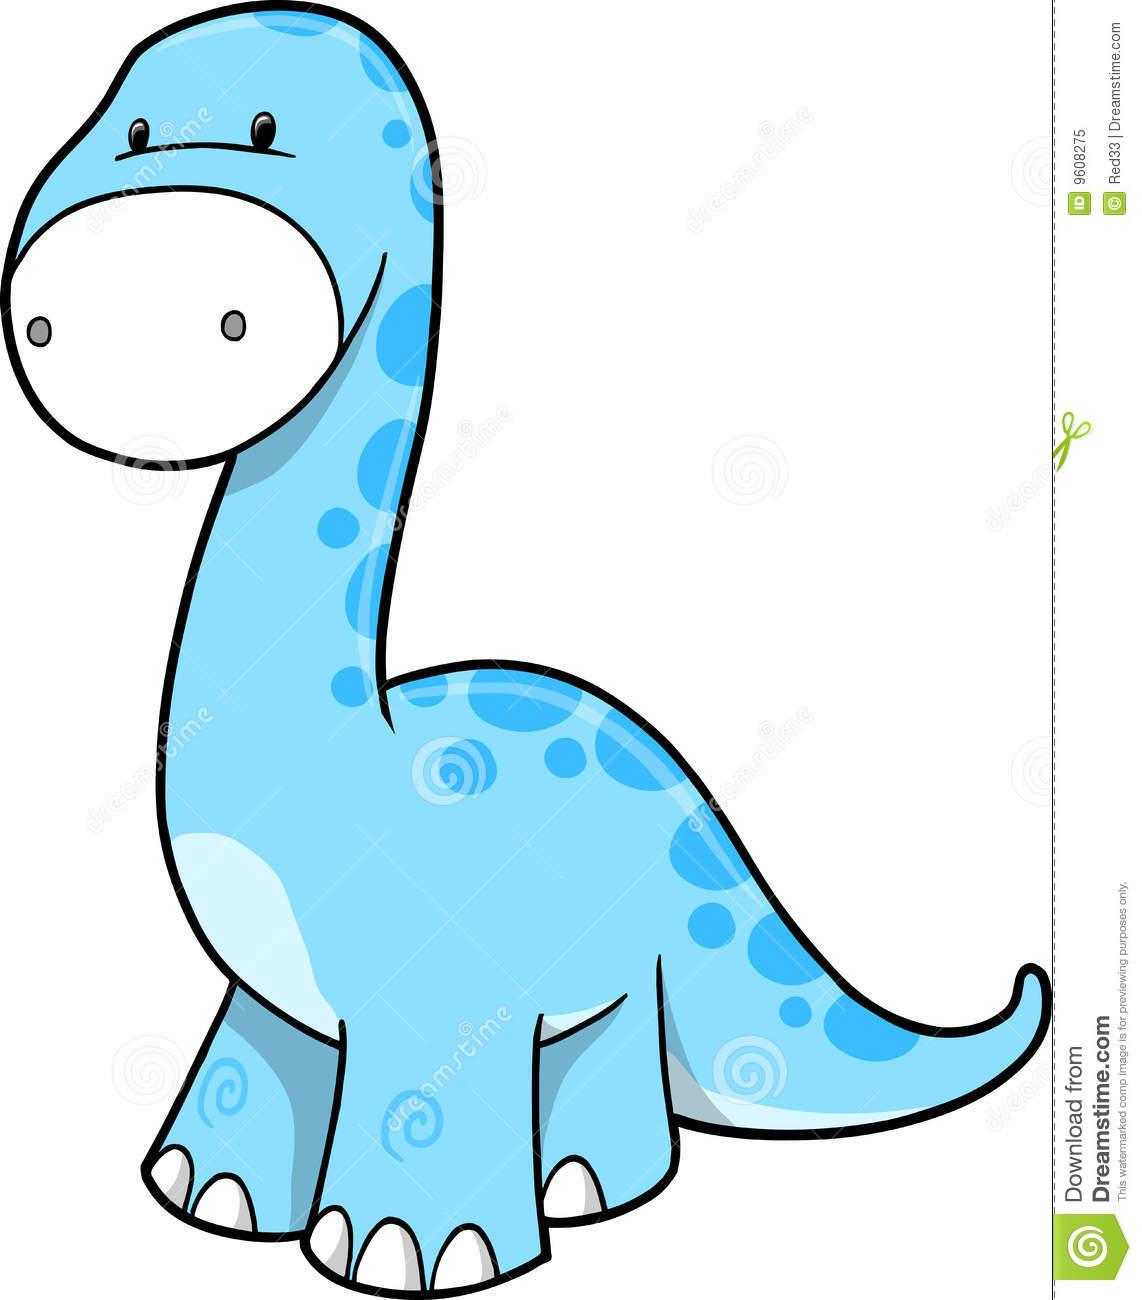 hight resolution of 1142x1300 dinosaur clipart blue